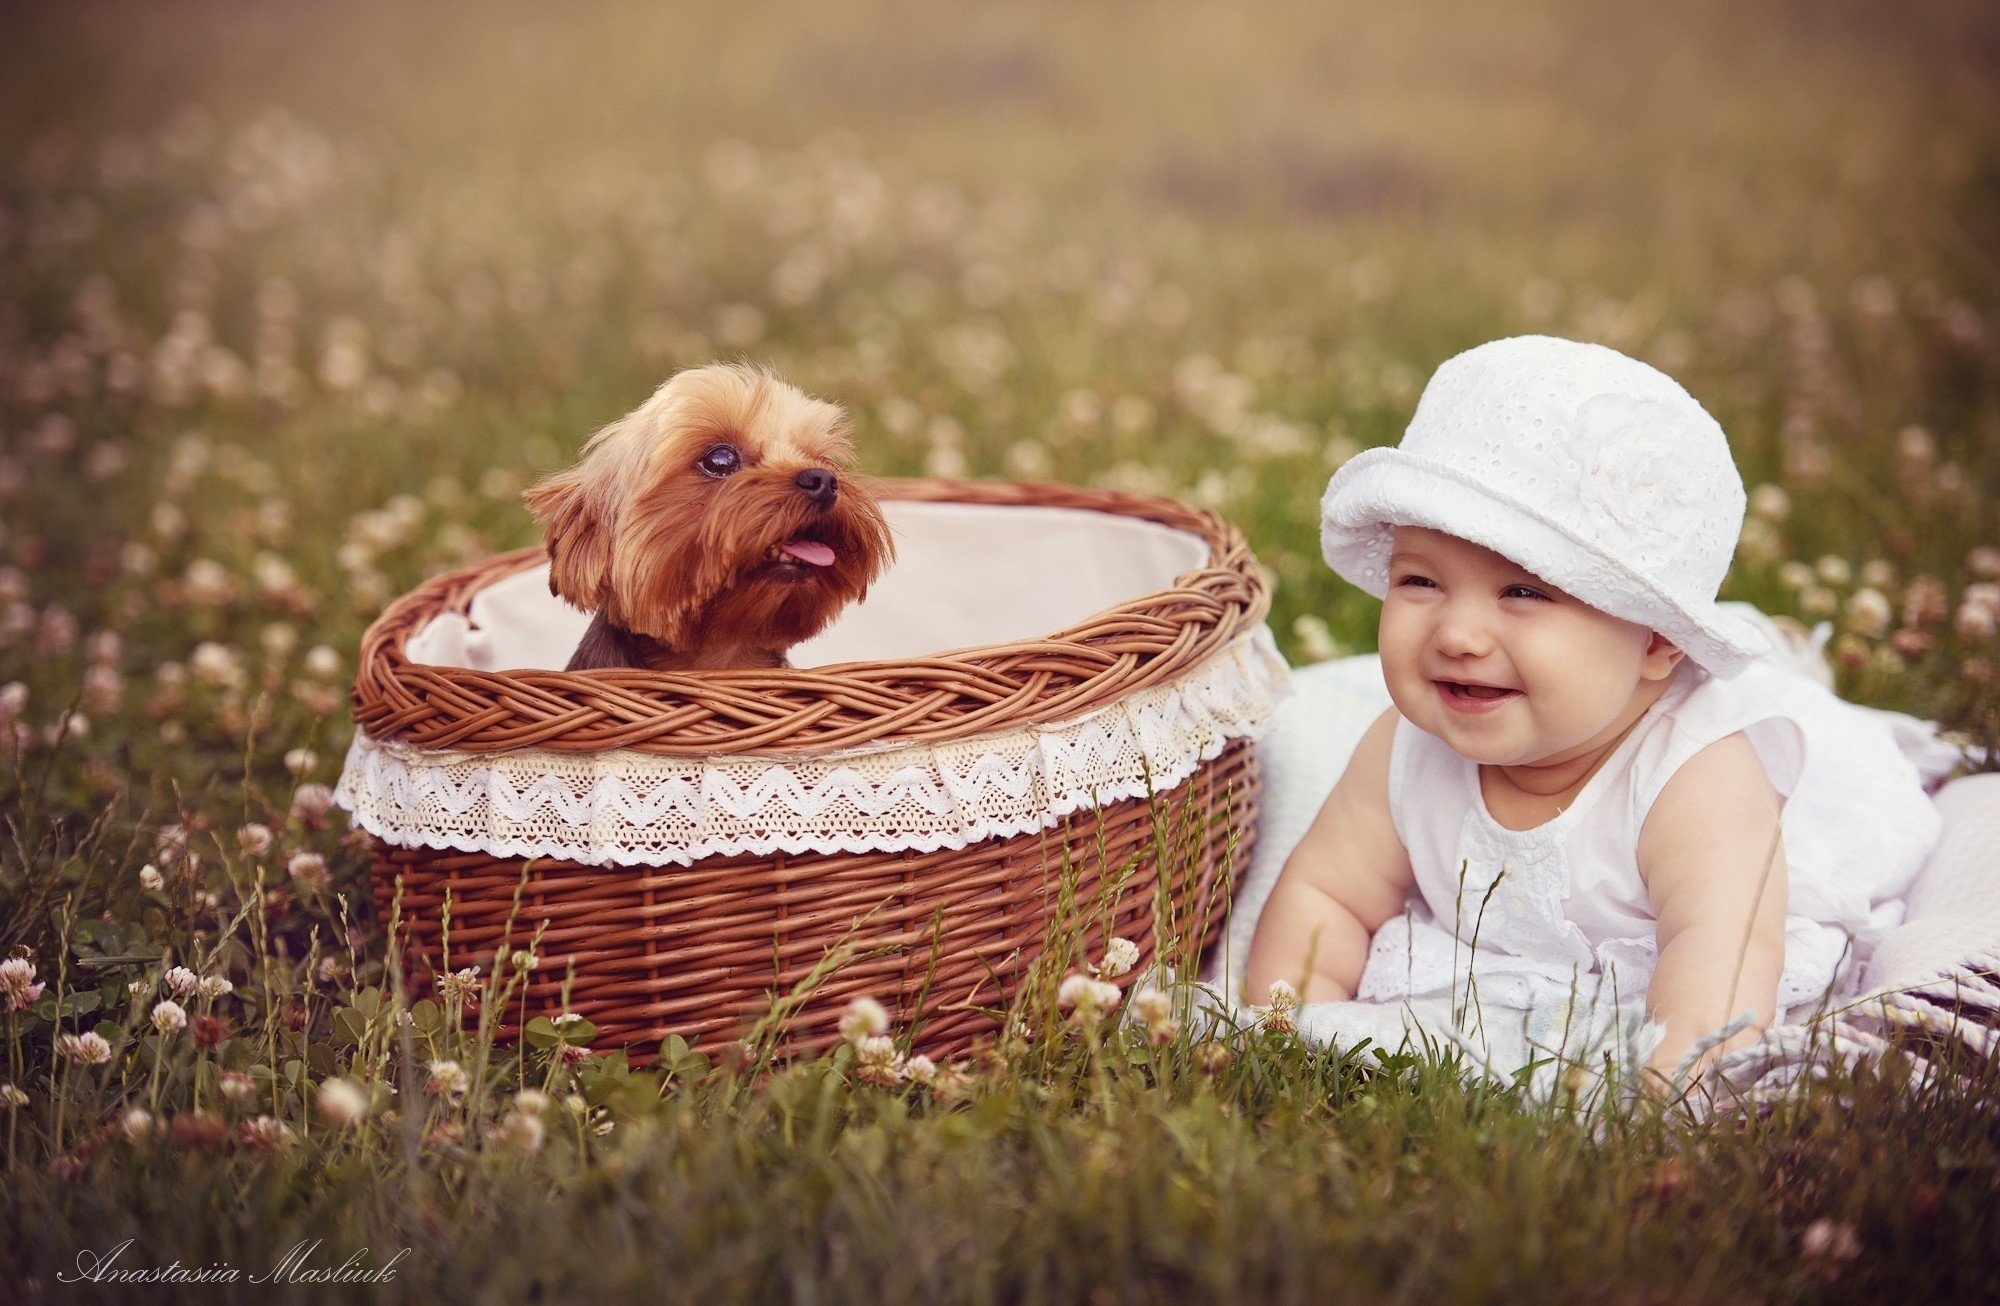 природа животные собака девочка жизнь nature animals dog girl life  № 3951018 загрузить